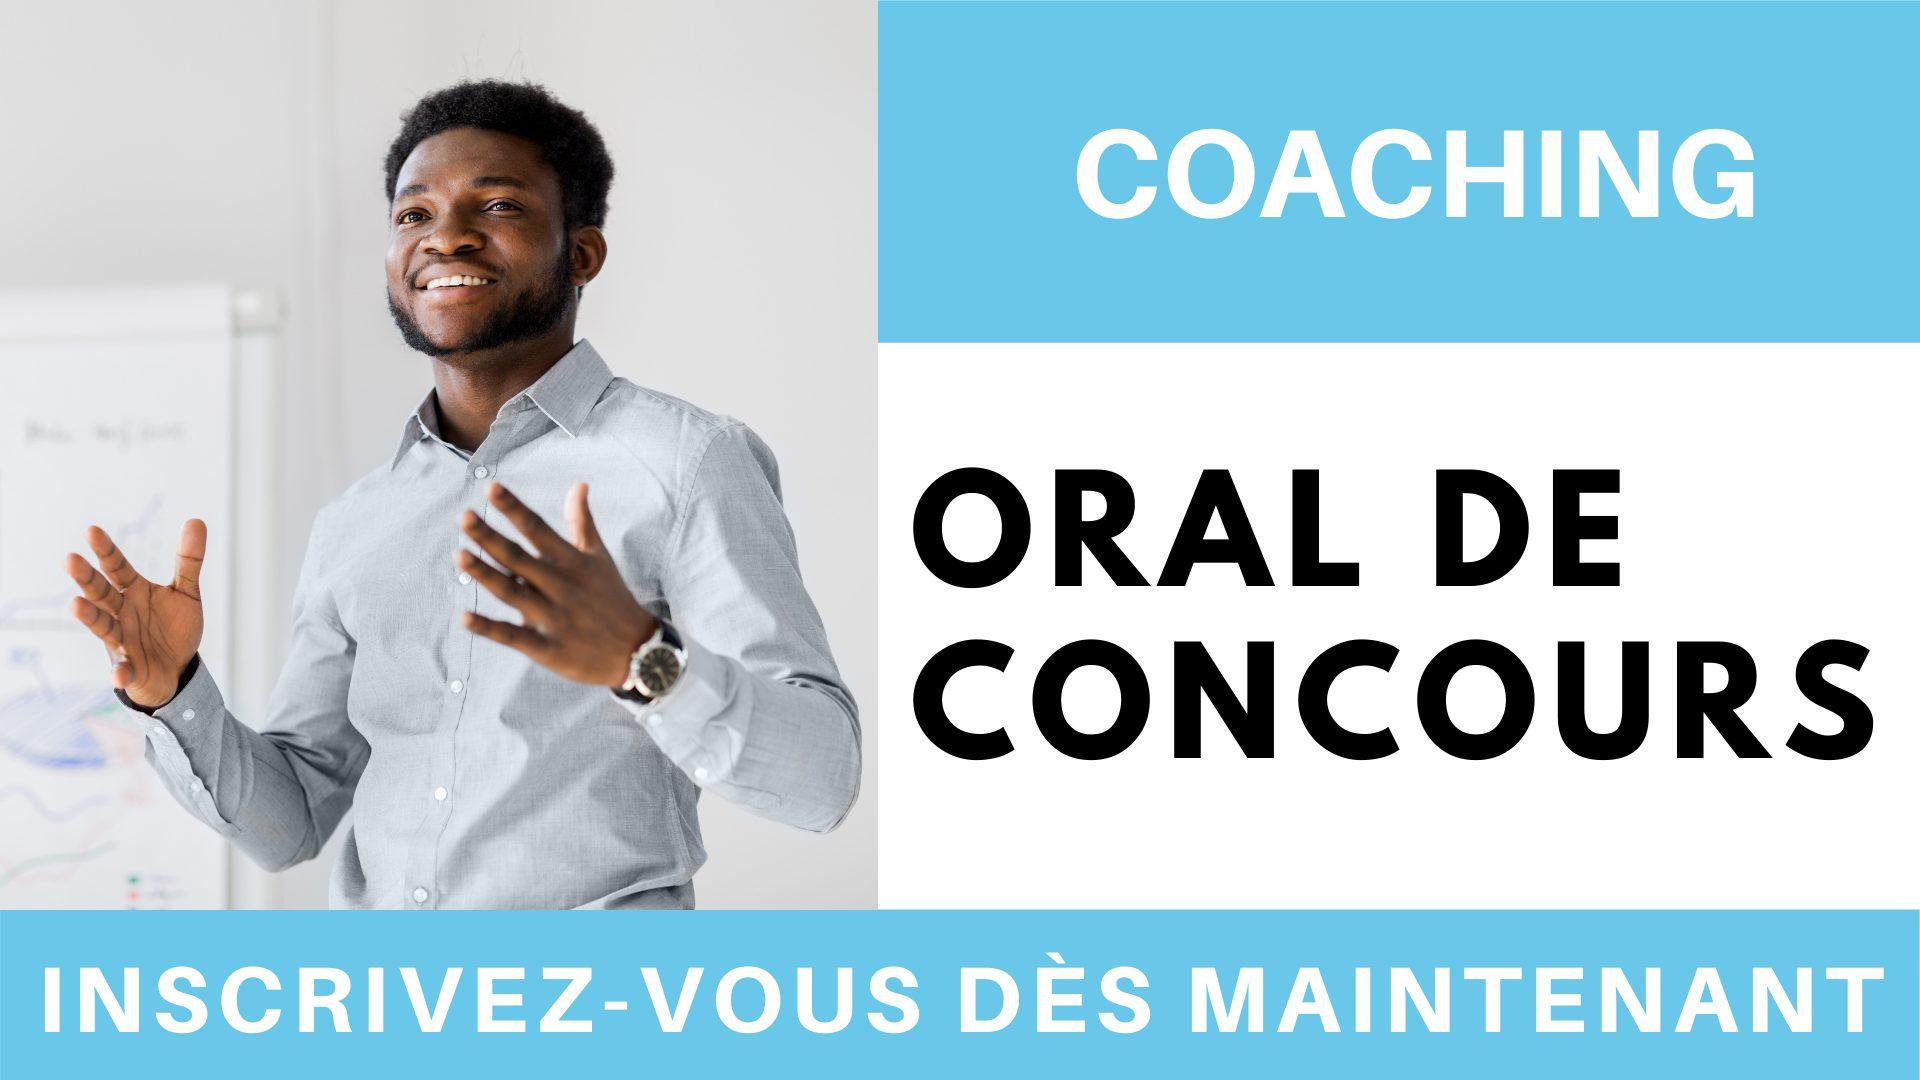 Coaching oral de concours